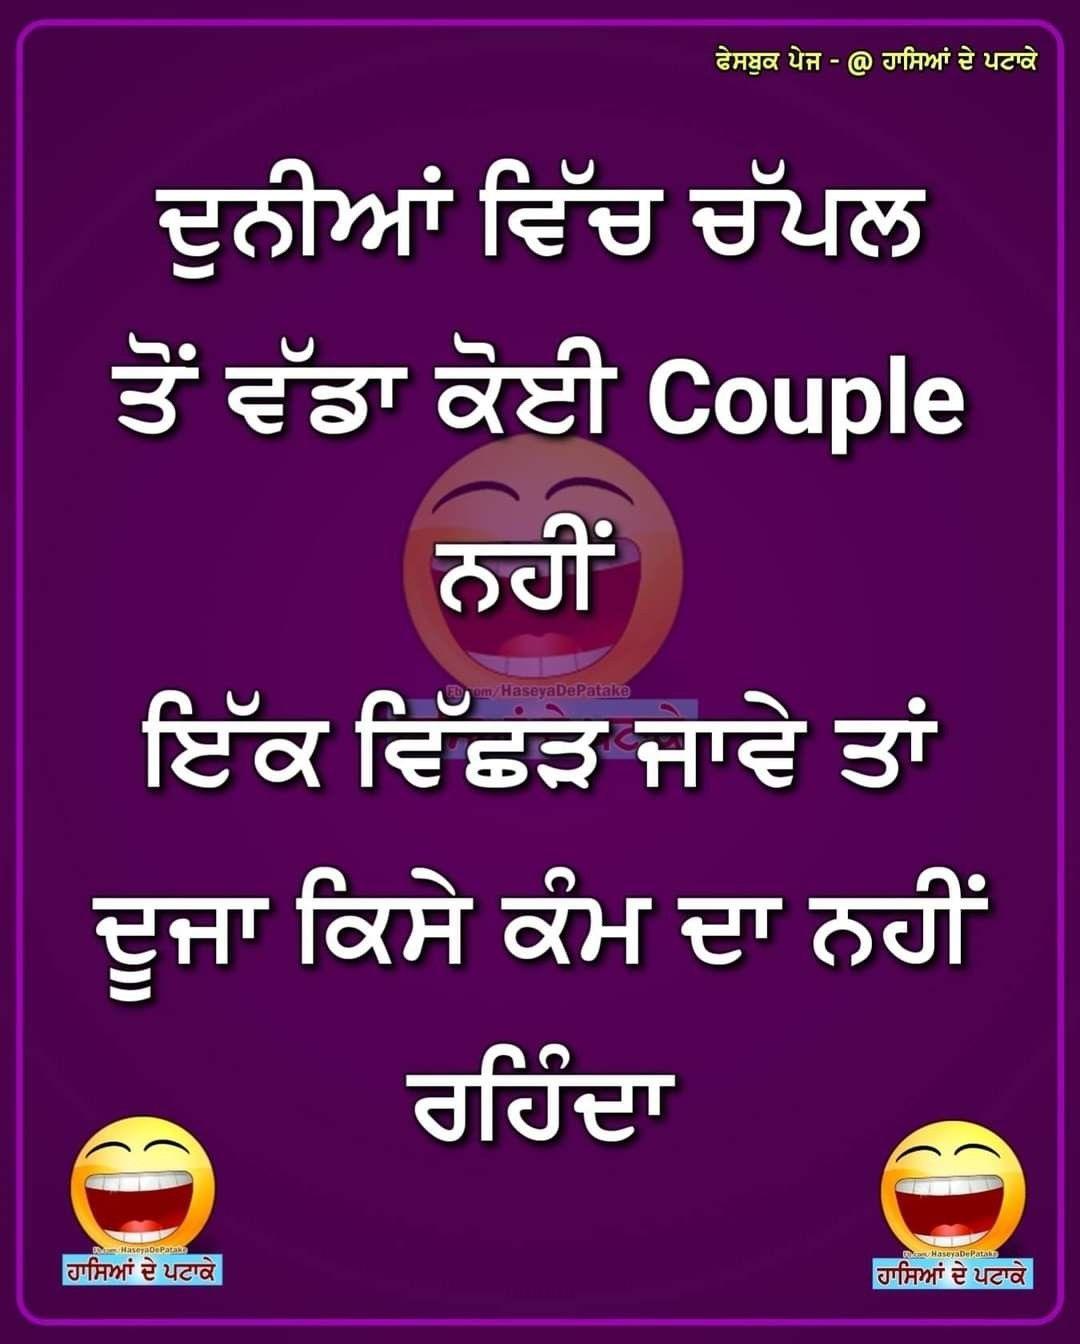 Chappal Guru Quotes Indian Quotes Punjabi Quotes